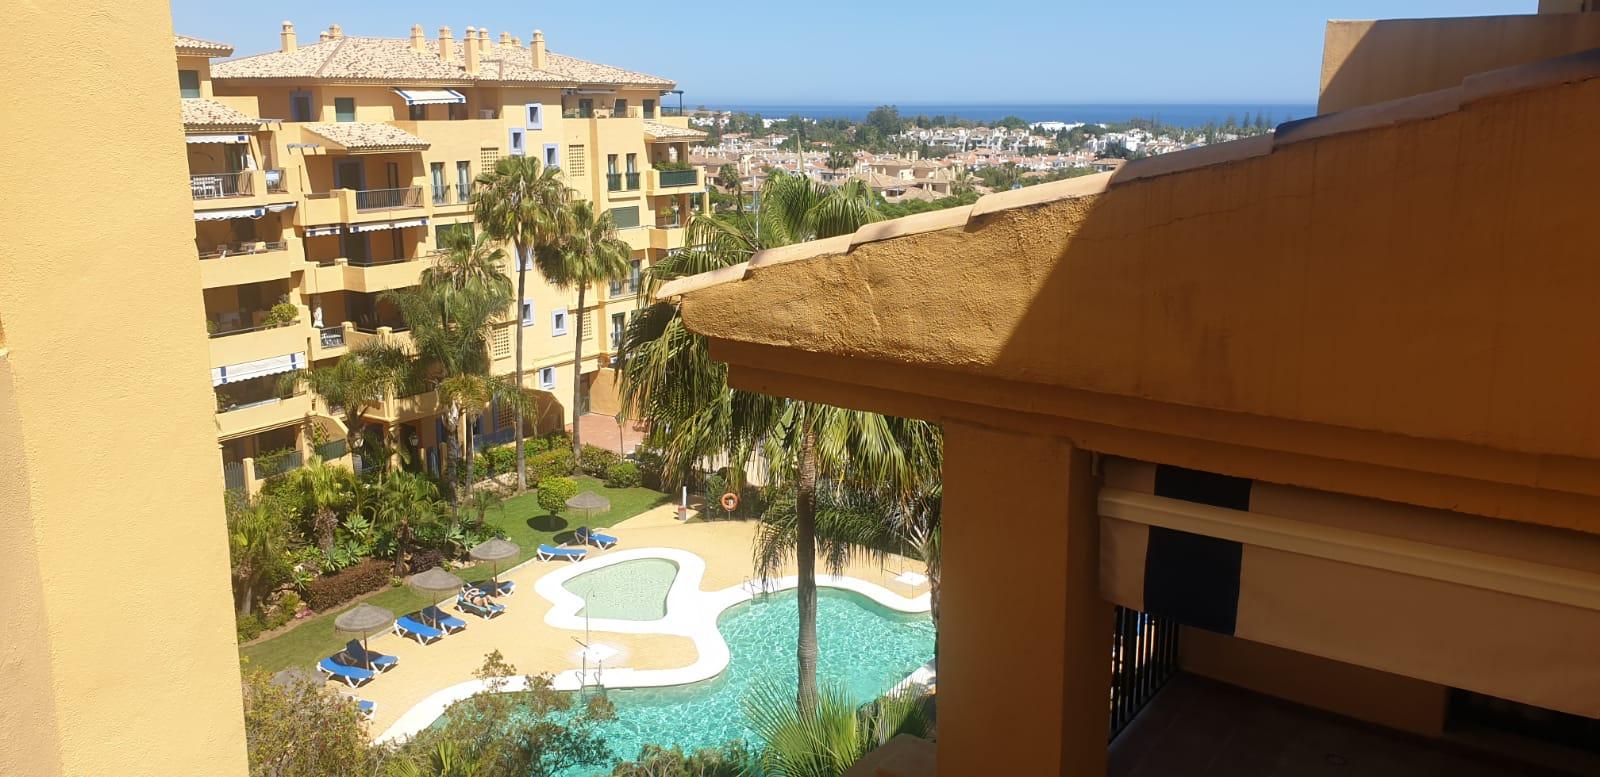 4 b apartment in San Pedro de Alcantara next to the beach